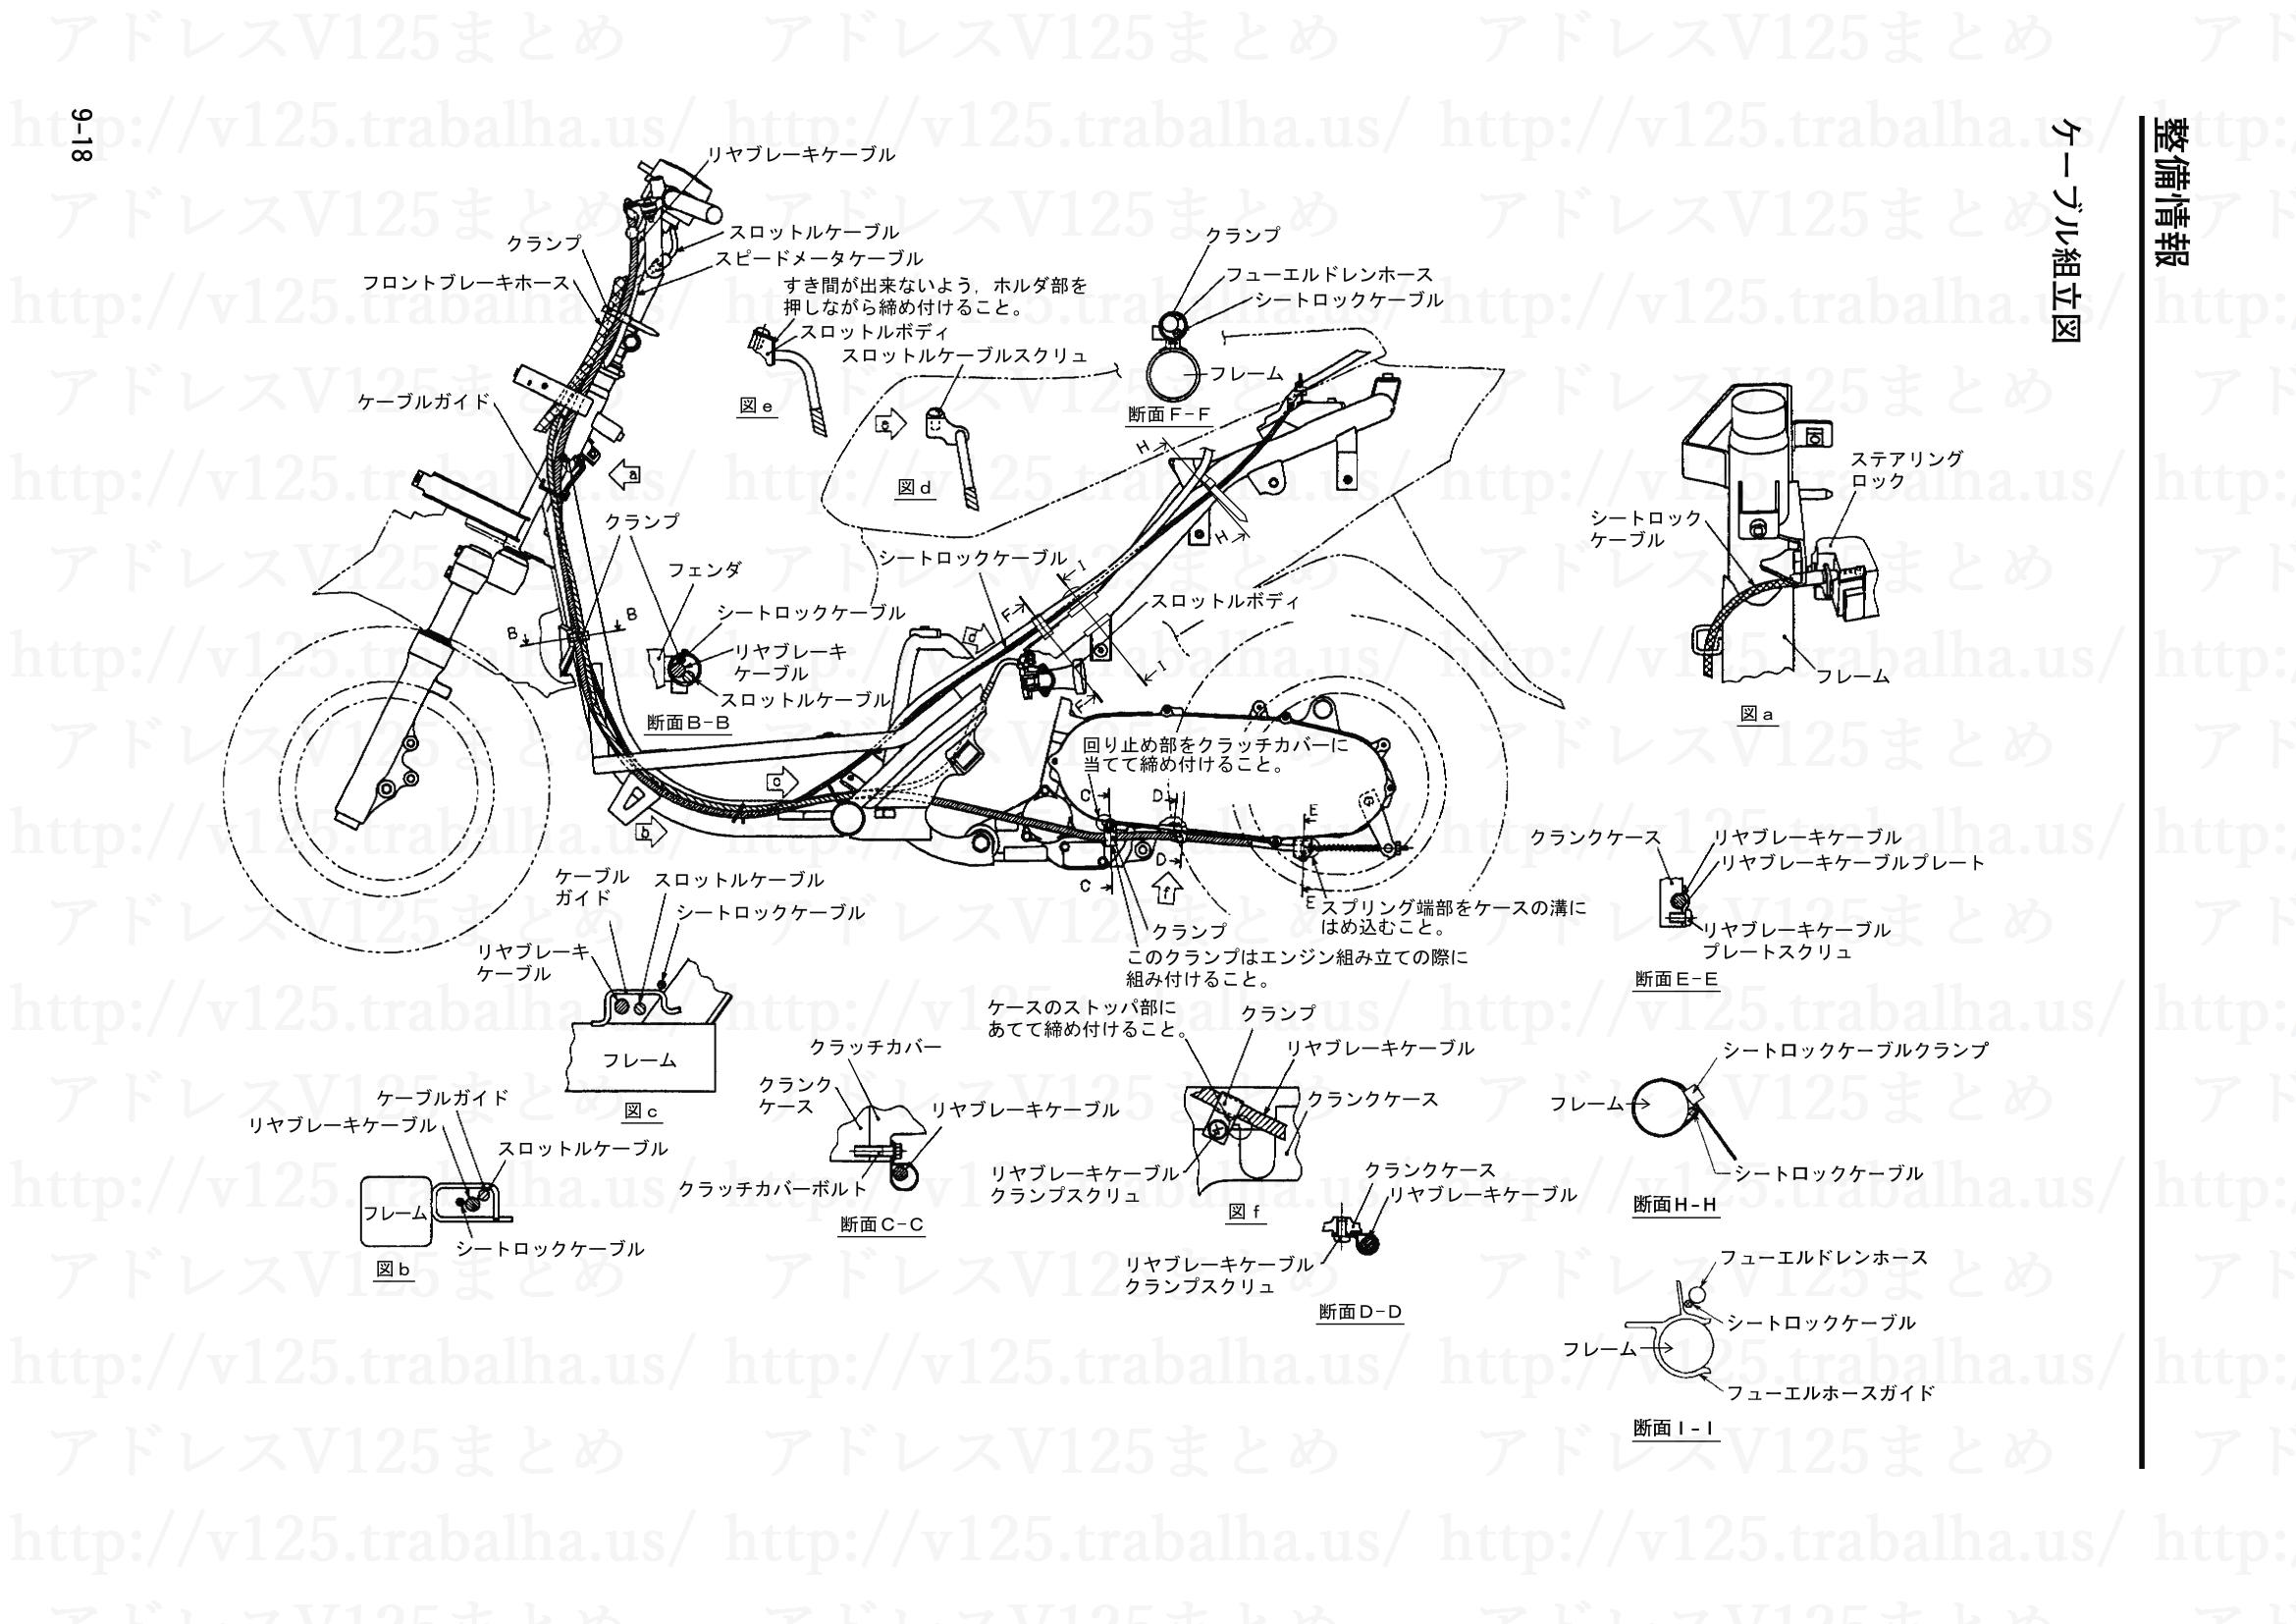 9-18【整備情報】ケーブル組立図1